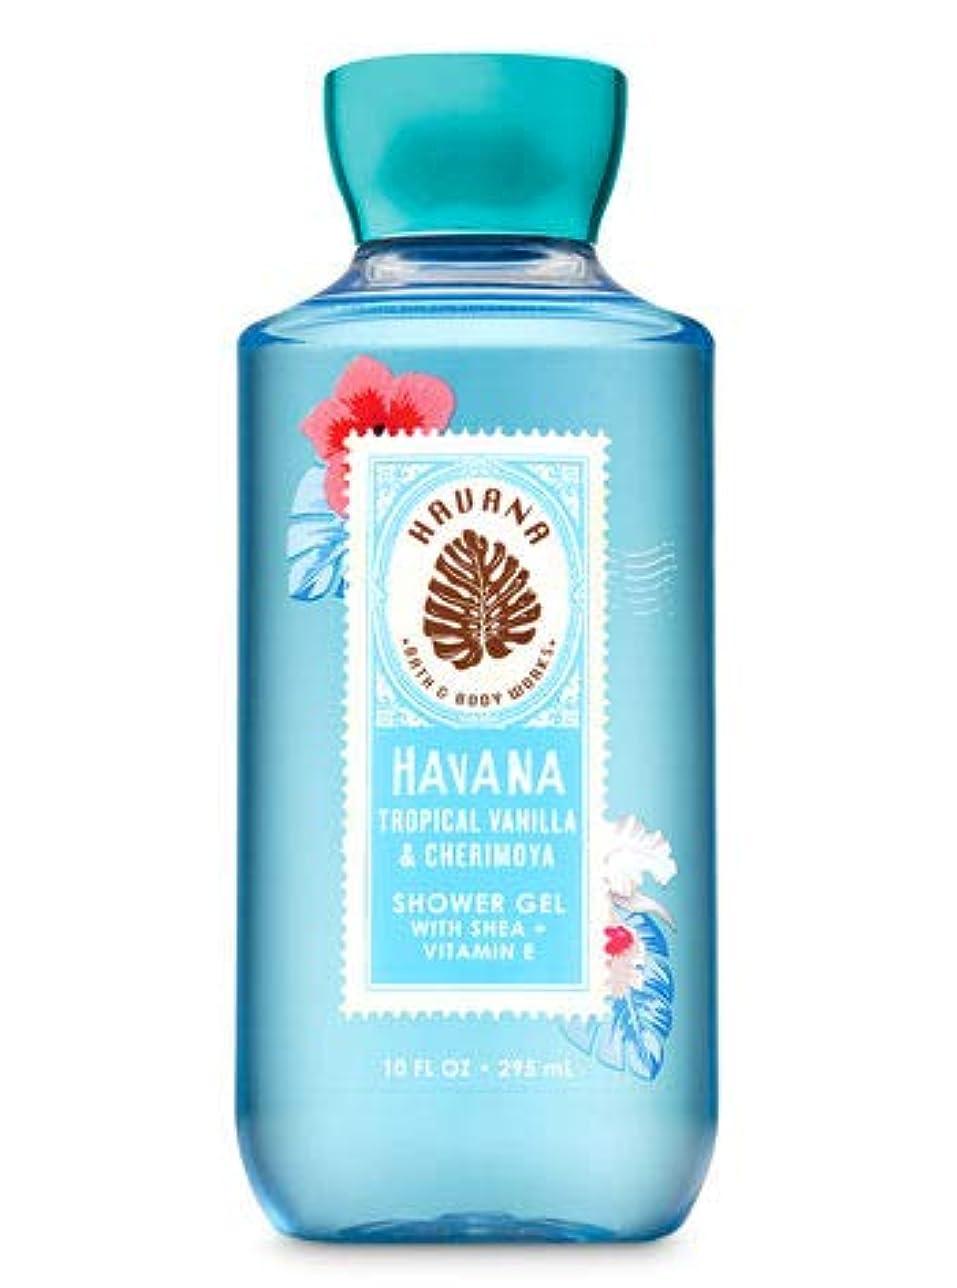 心のこもった区用心深い【Bath&Body Works/バス&ボディワークス】 シャワージェル ハバナ トロピカルバニラ&チェリモヤ Shower Gel Havana Tropical Vanilla & Cherimoya 10 fl oz...